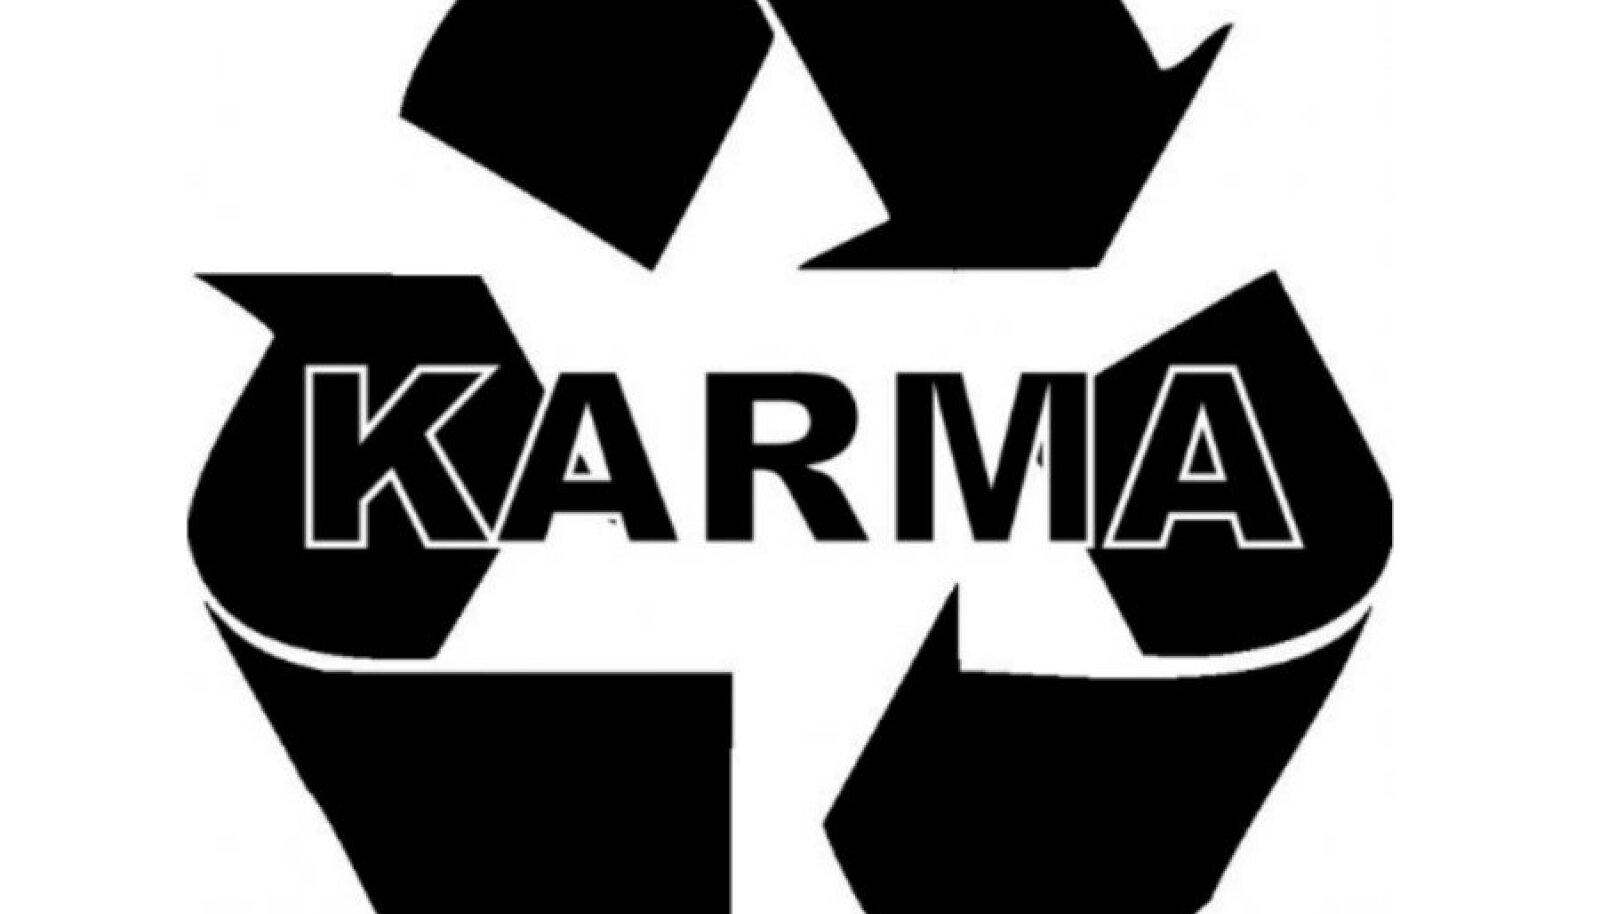 Karma - mida külvad, seda lõikad